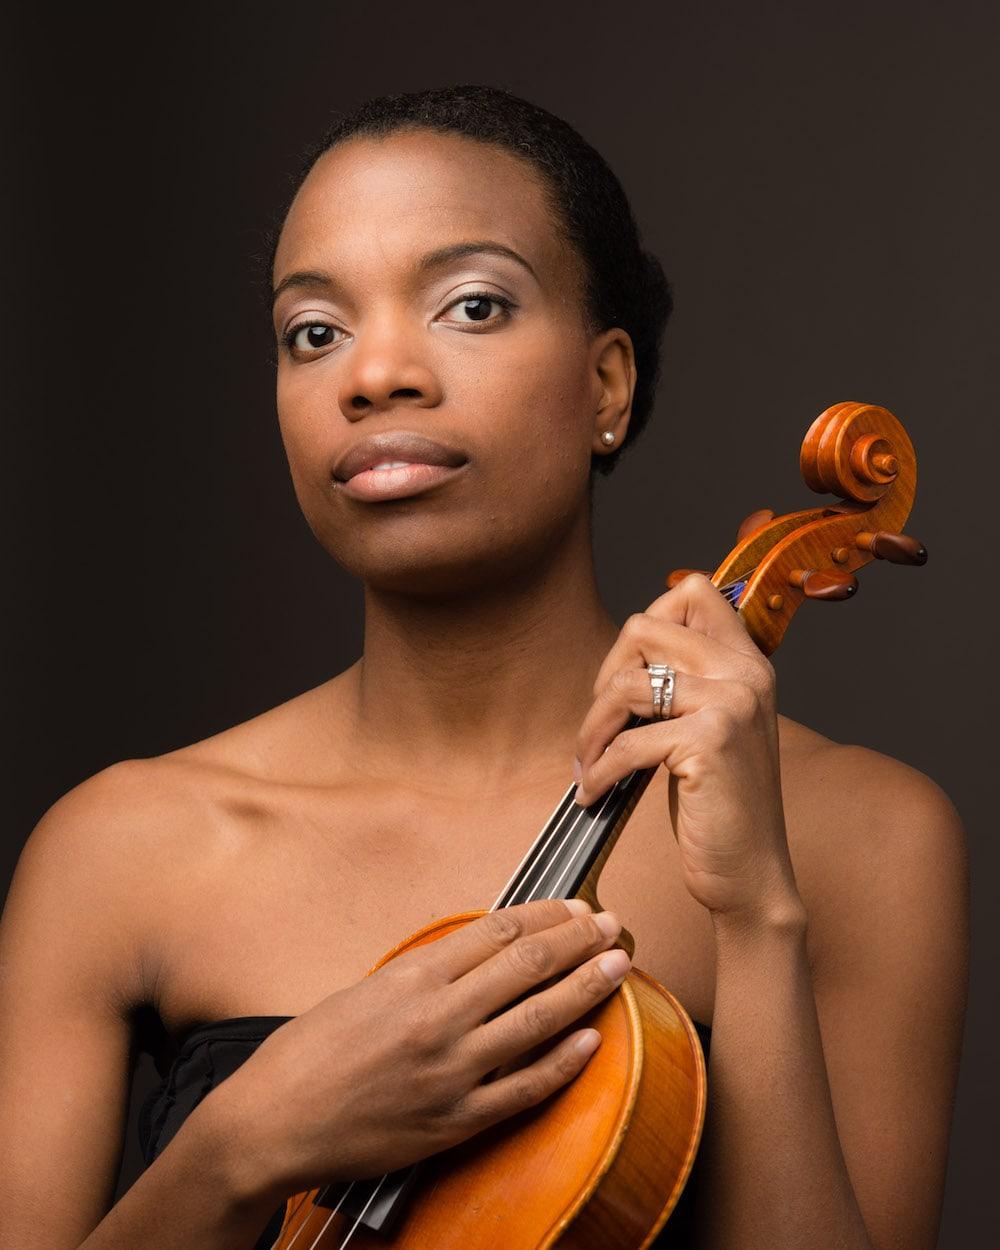 Dorthy White Okpebholo